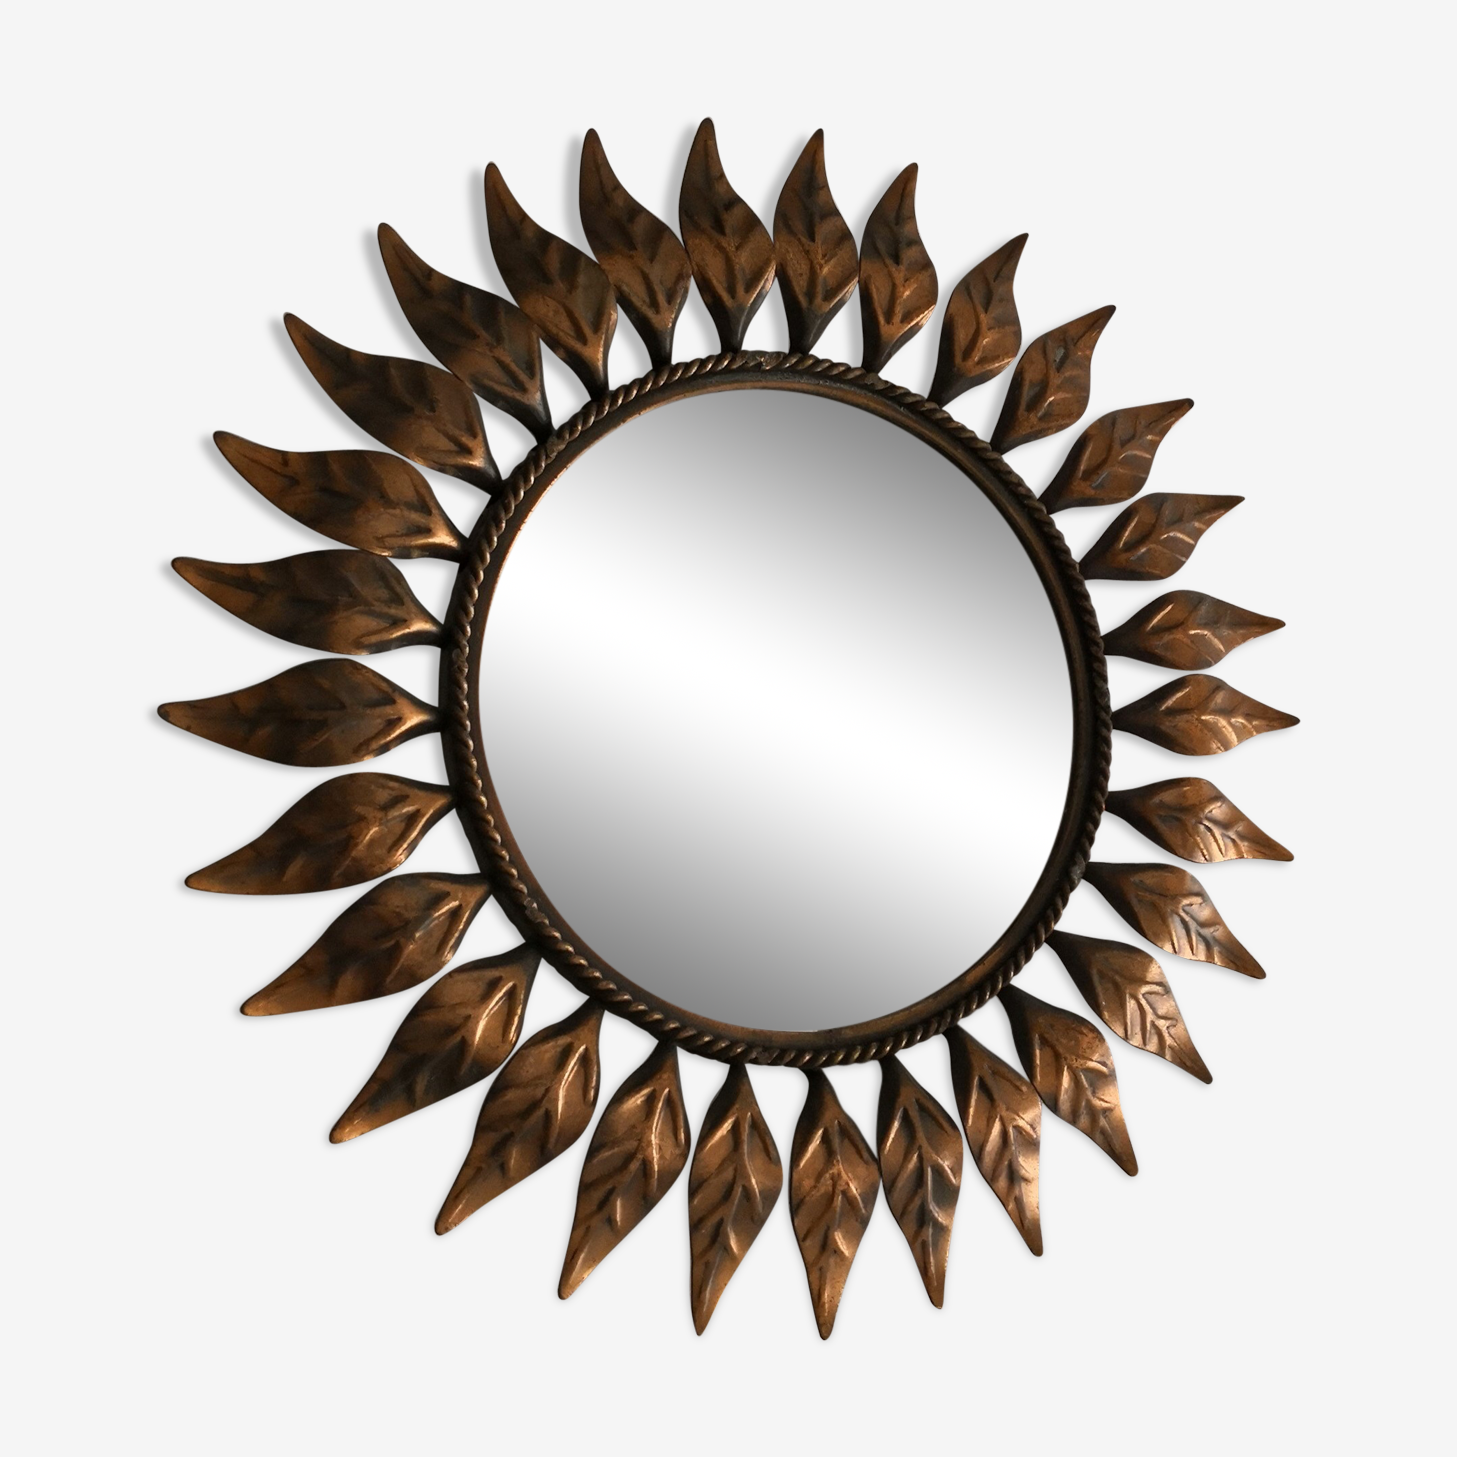 Miroir sorcière soleil des années 60/70 - 41x41cm